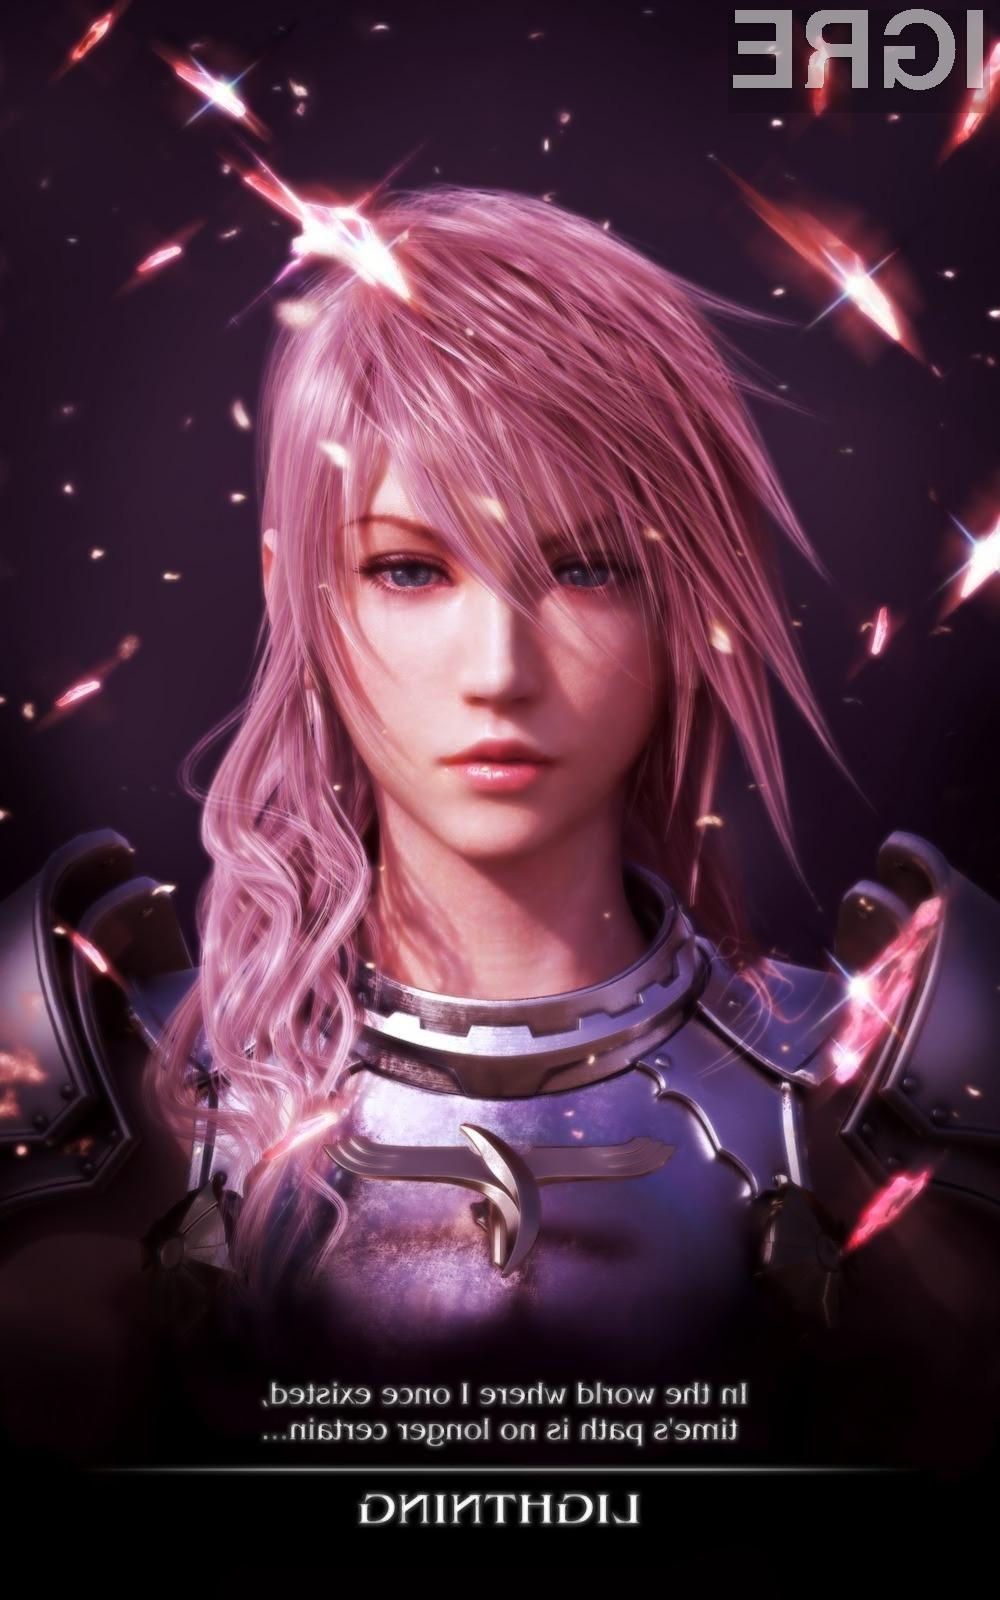 Igra je tudi tokrat razvita izključno za igralne konzole, natančneje Xbox 360 in PlayStation 3.